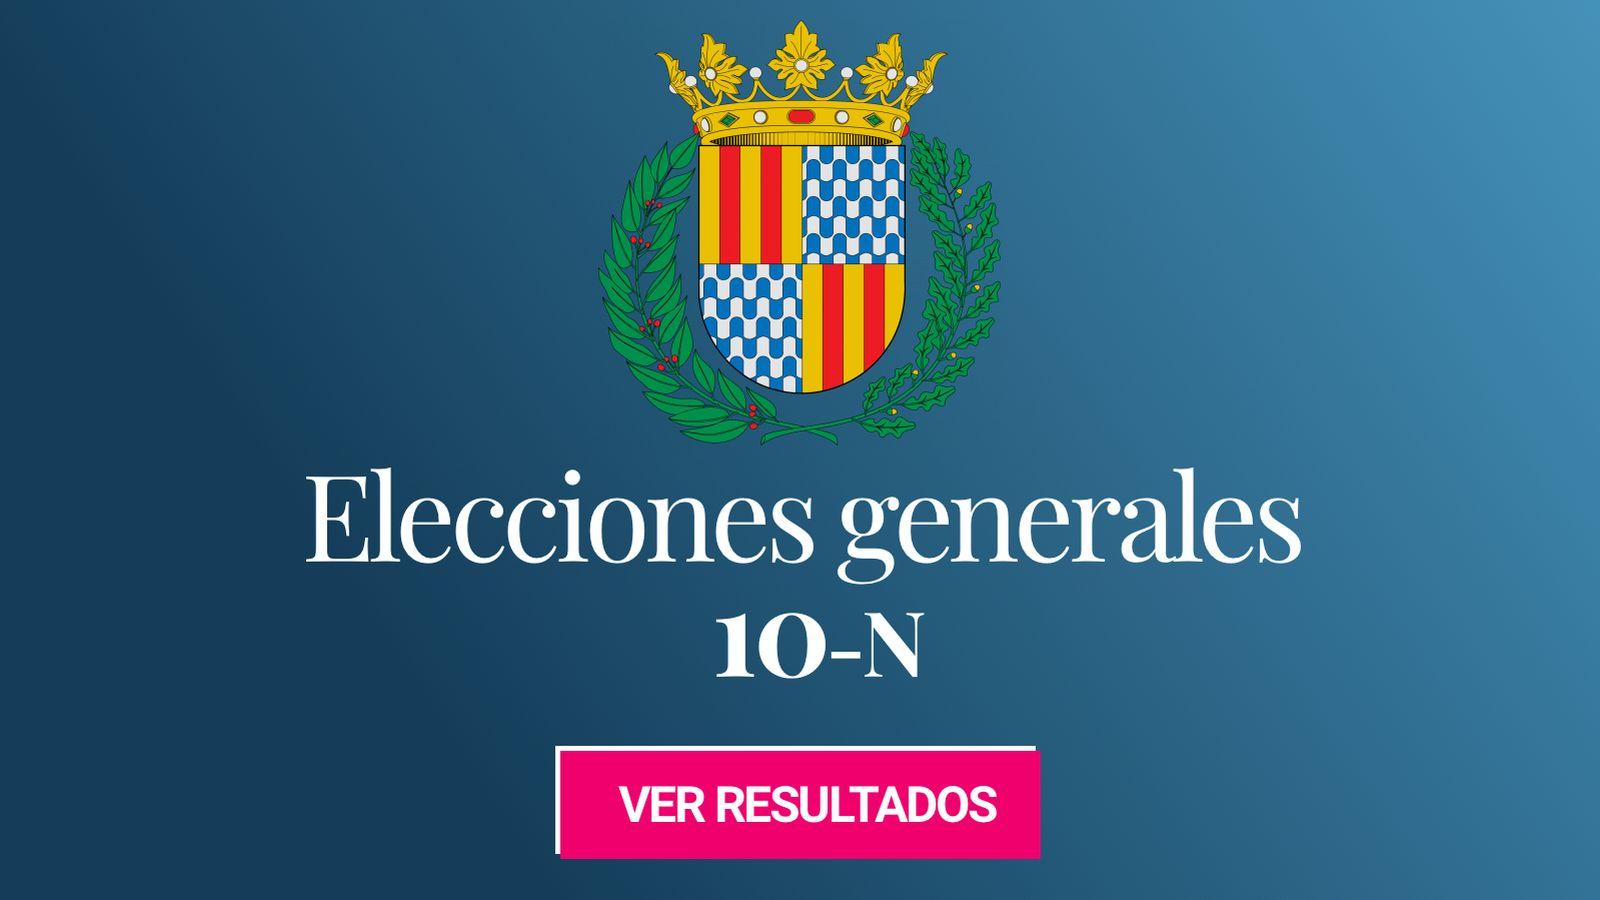 Foto: Elecciones generales 2019 en Badalona. (C.C./EC)